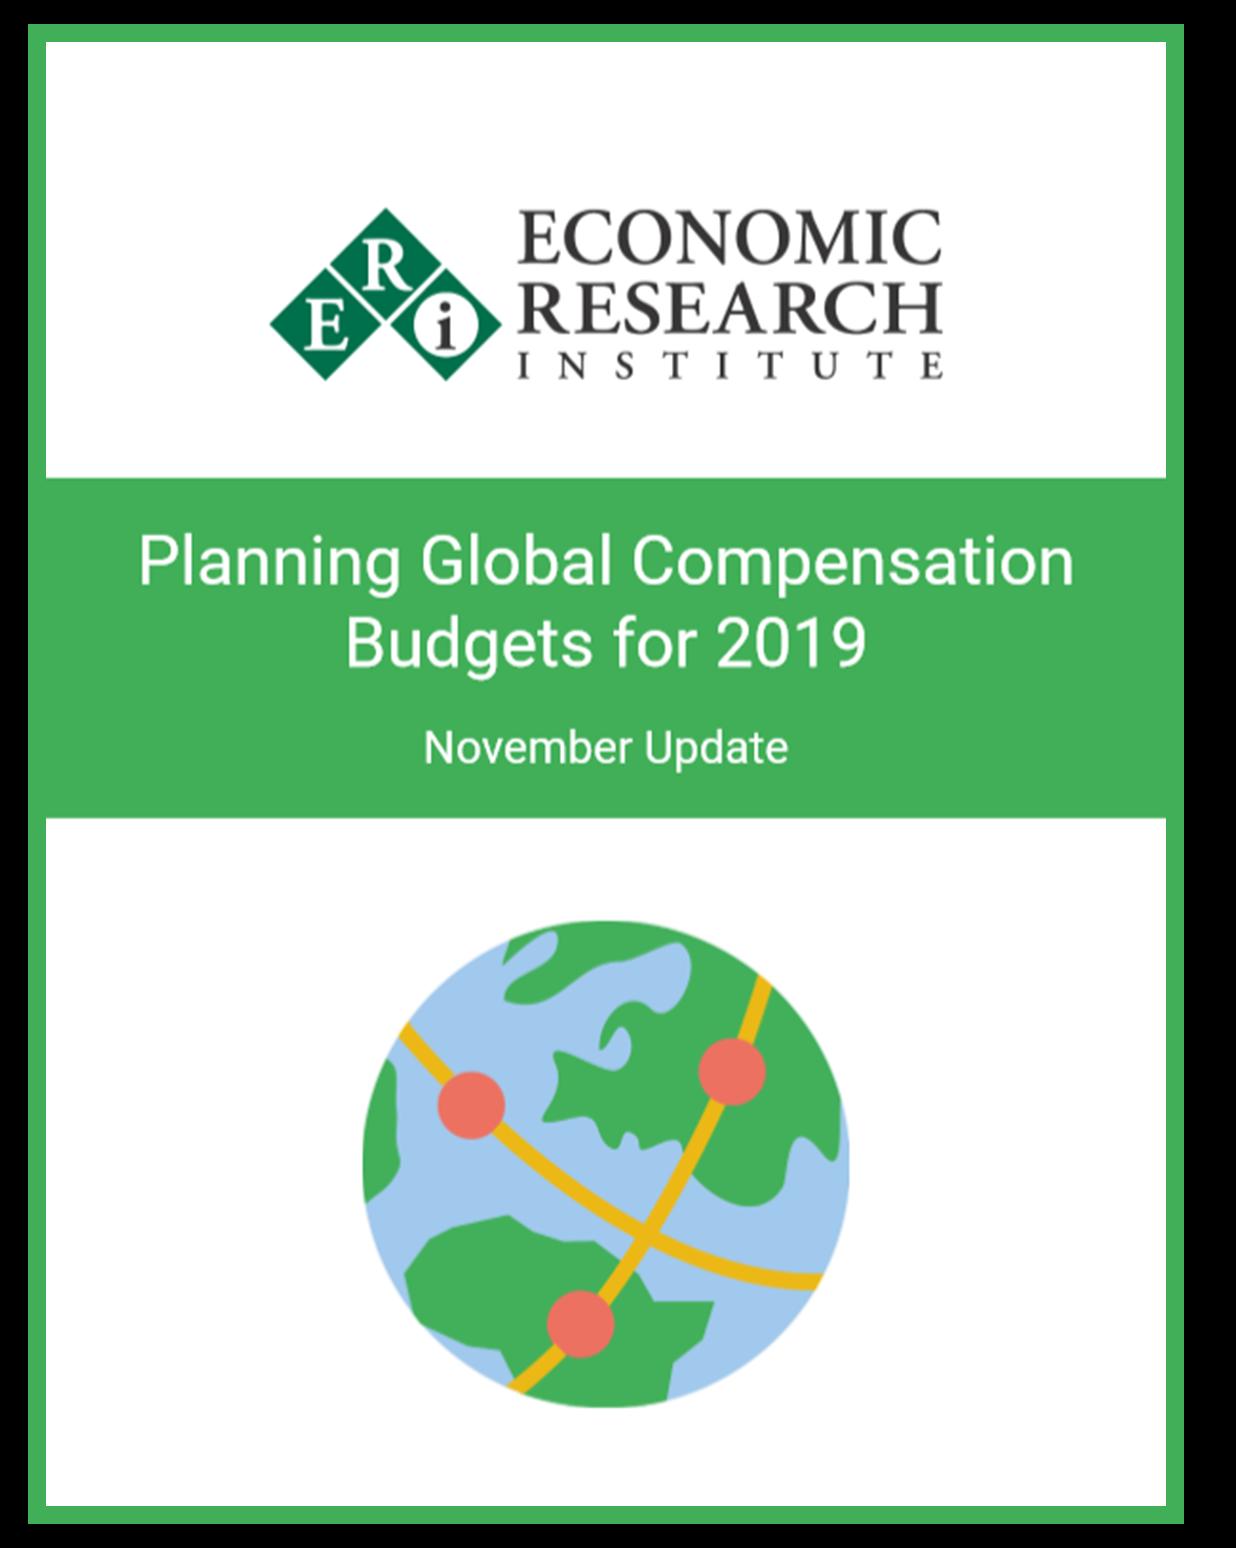 Planning Global Compensation Budgets for 2019 November Update